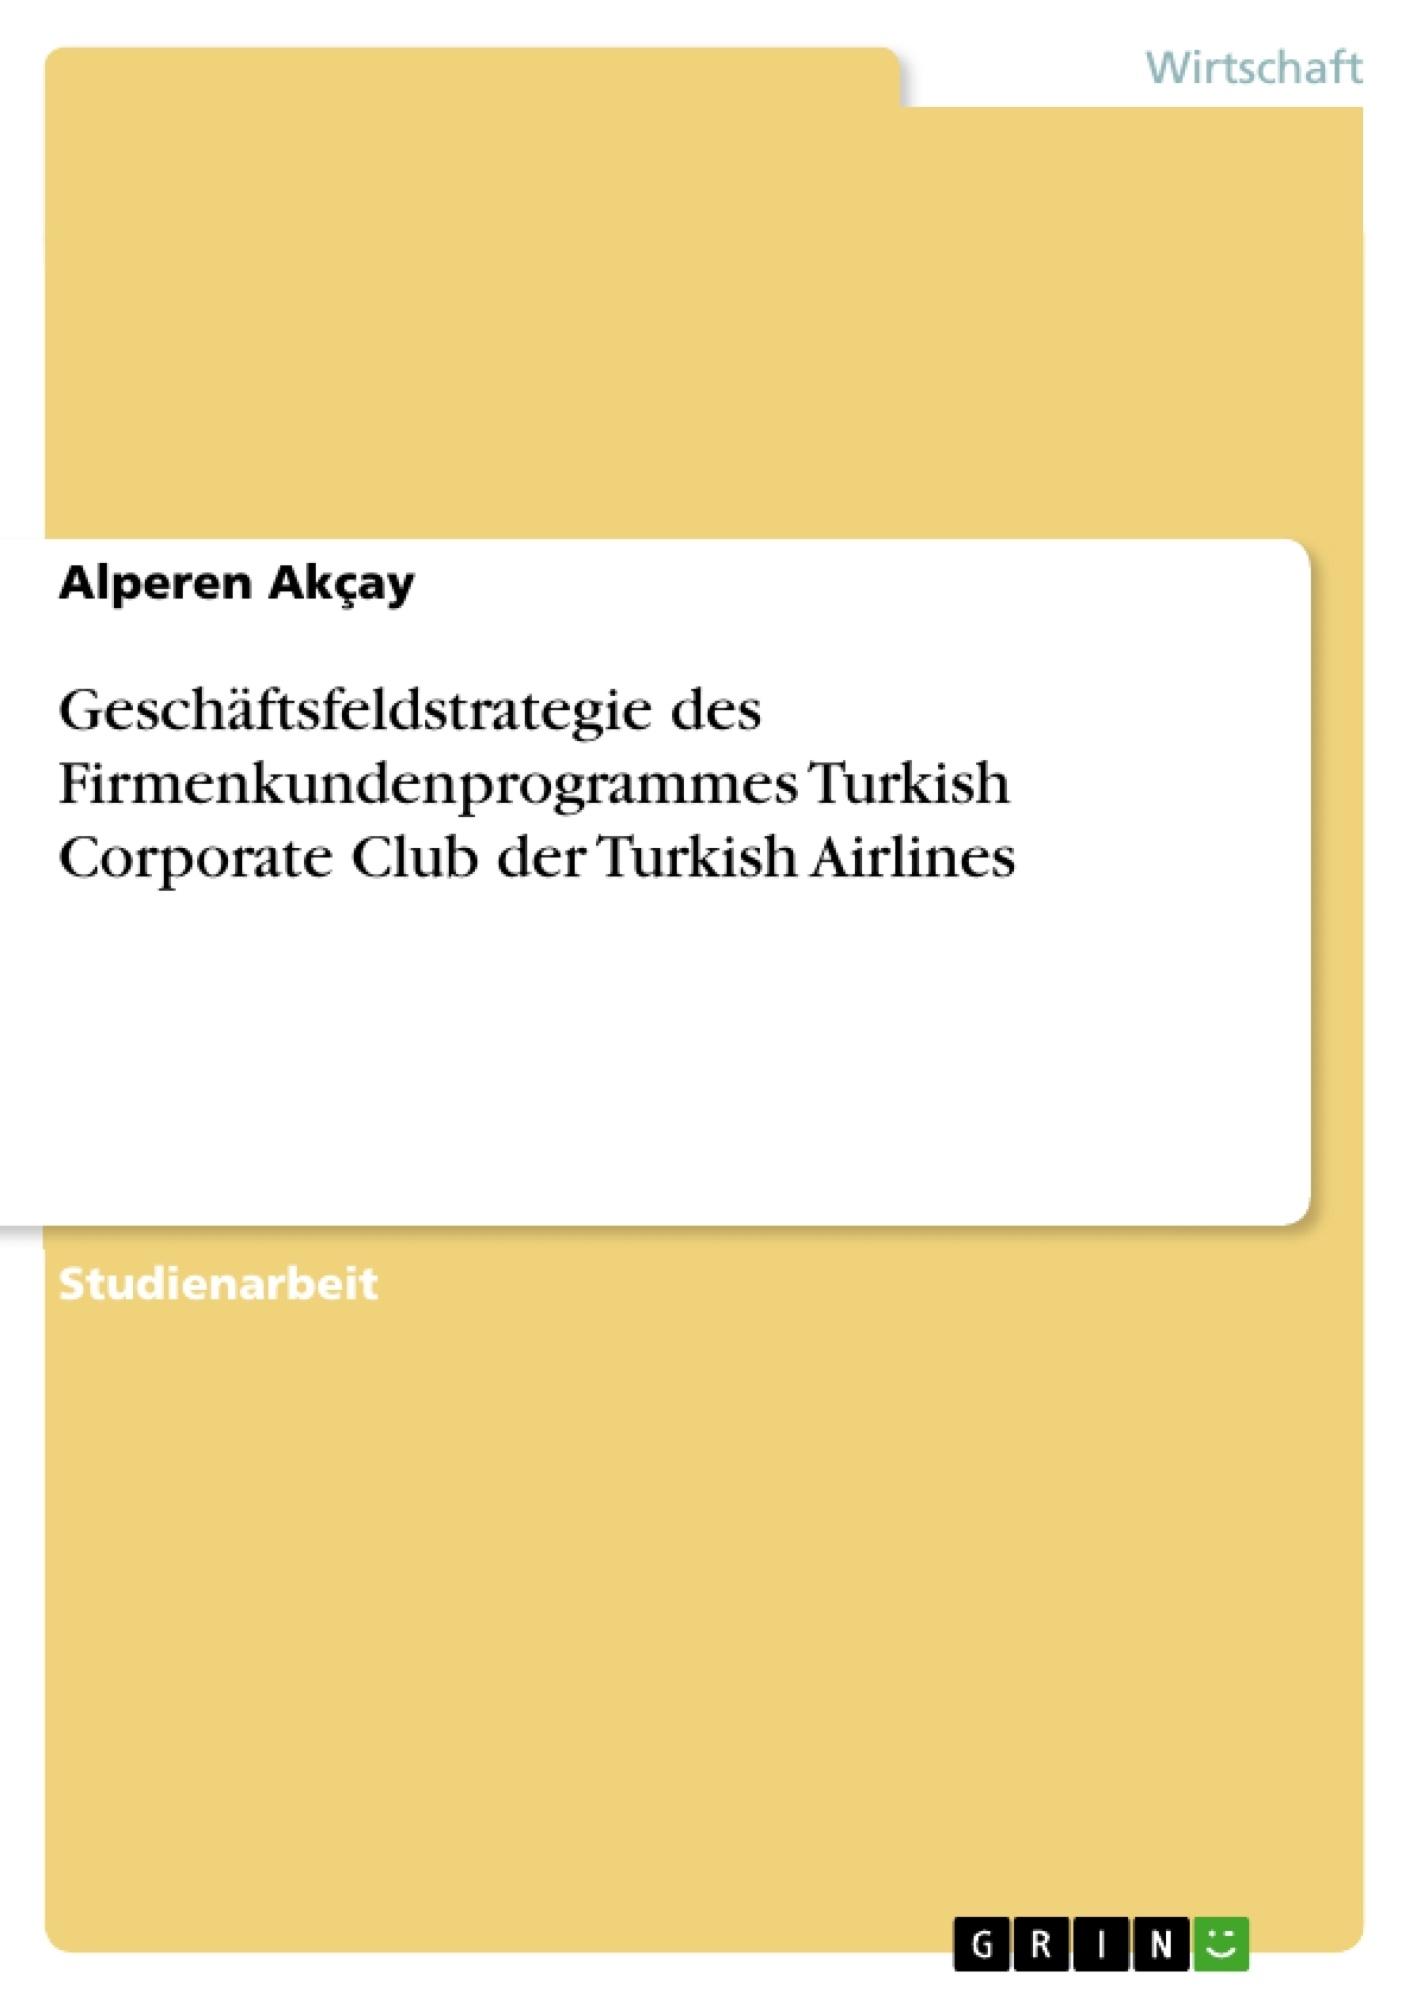 Titel: Geschäftsfeldstrategie des Firmenkundenprogrammes Turkish Corporate Club der Turkish Airlines